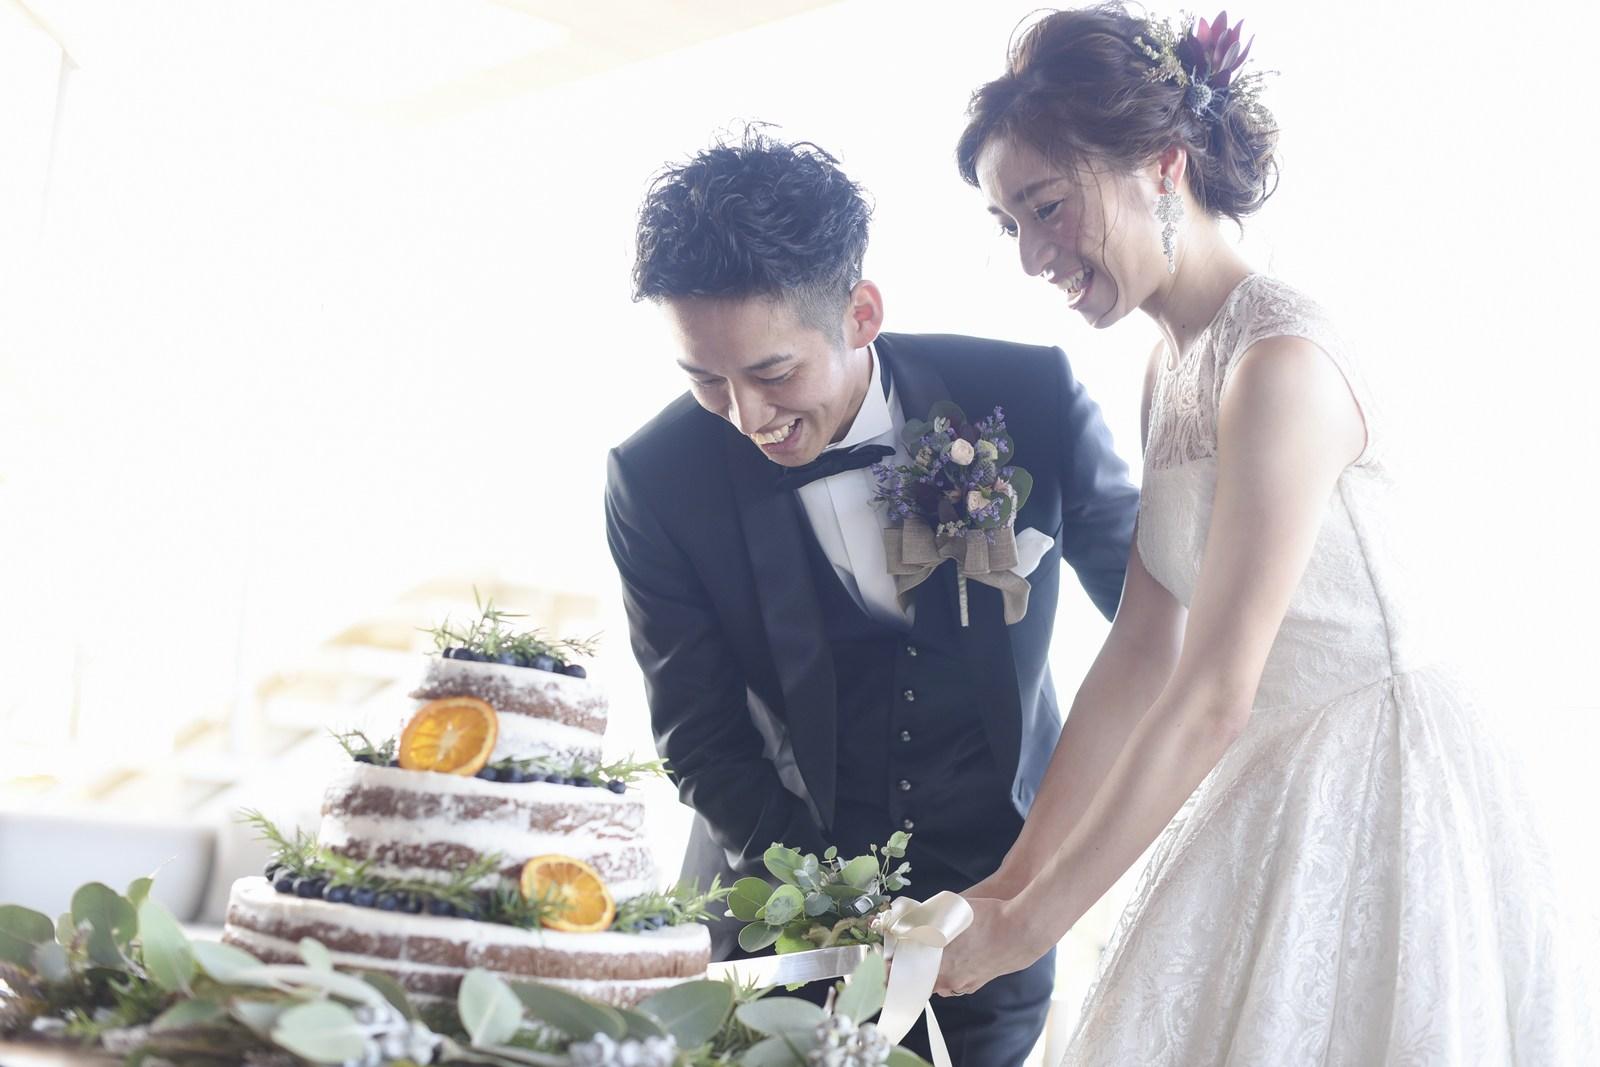 高松市の結婚式場アイルバレクラブのウェディングケーキ